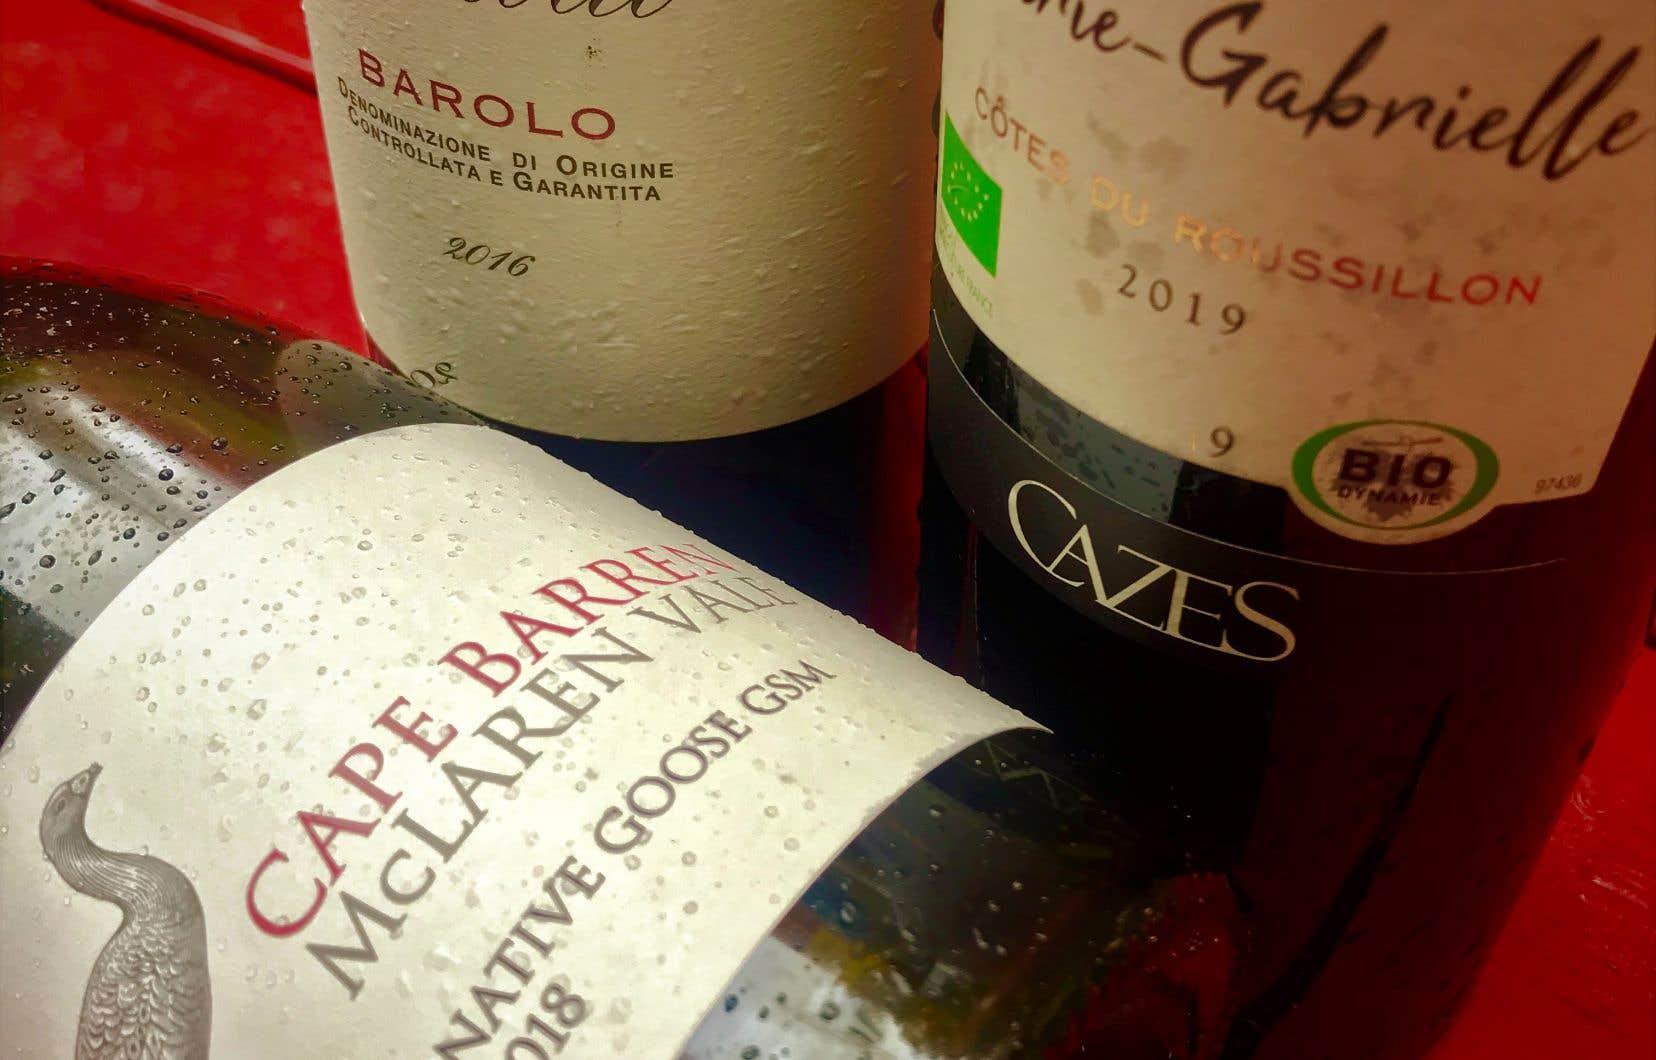 En rafale, quelques vins dégustés, car s'il est une option à ne jamais négliger, c'est bien celle de vivre ici et maintenant!